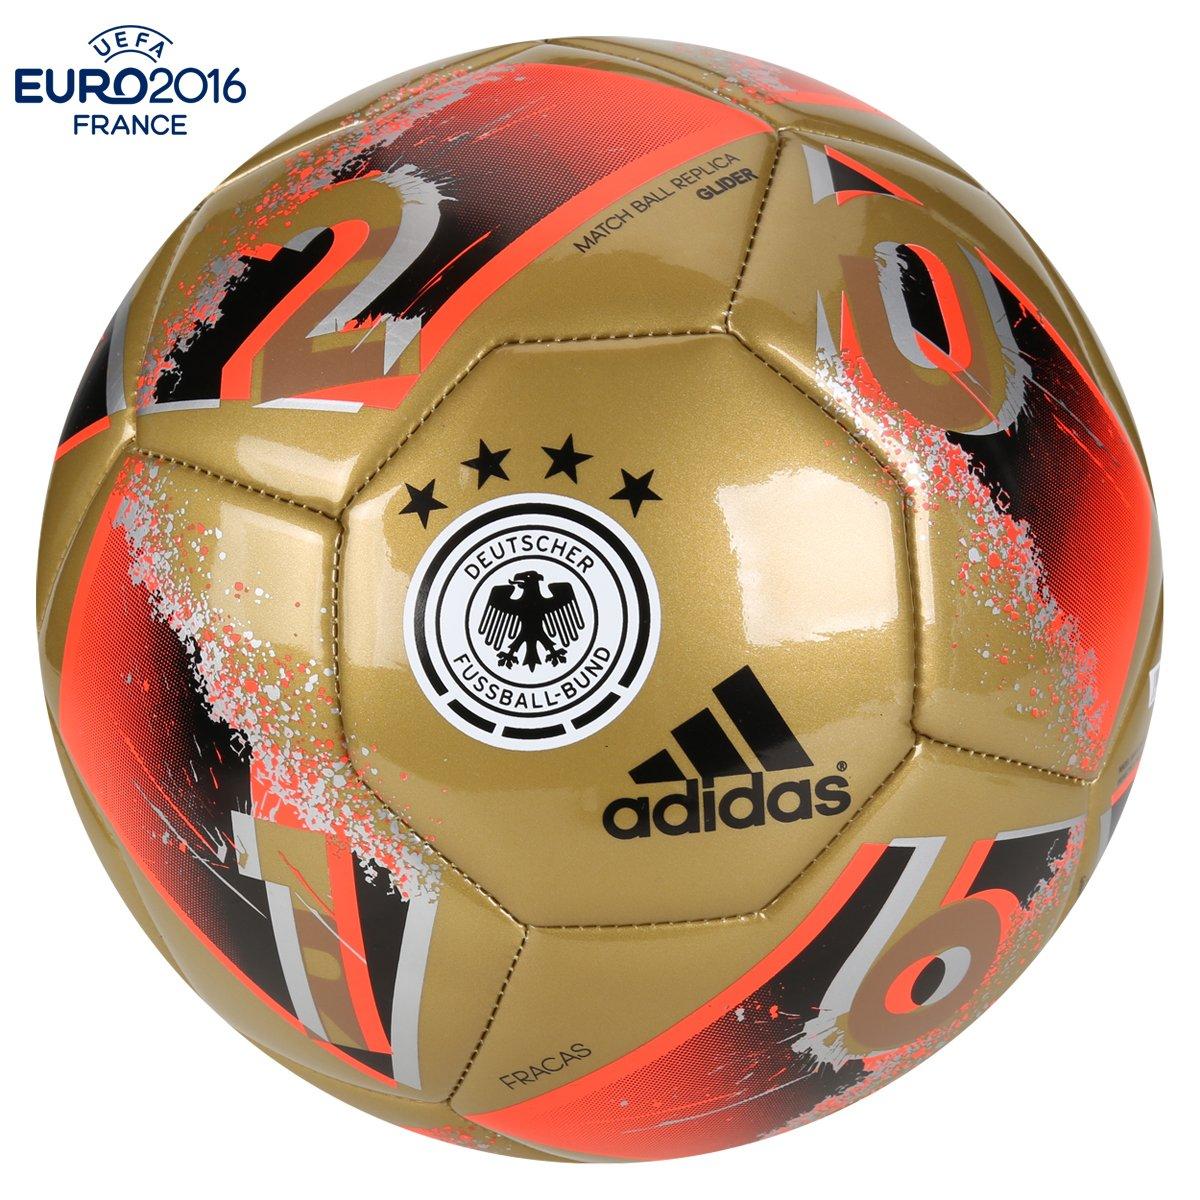 Bola Futebol Adidas Euro 2016 Alemanha Capitano Campo - Compre Agora ... 3574f9d36aef9